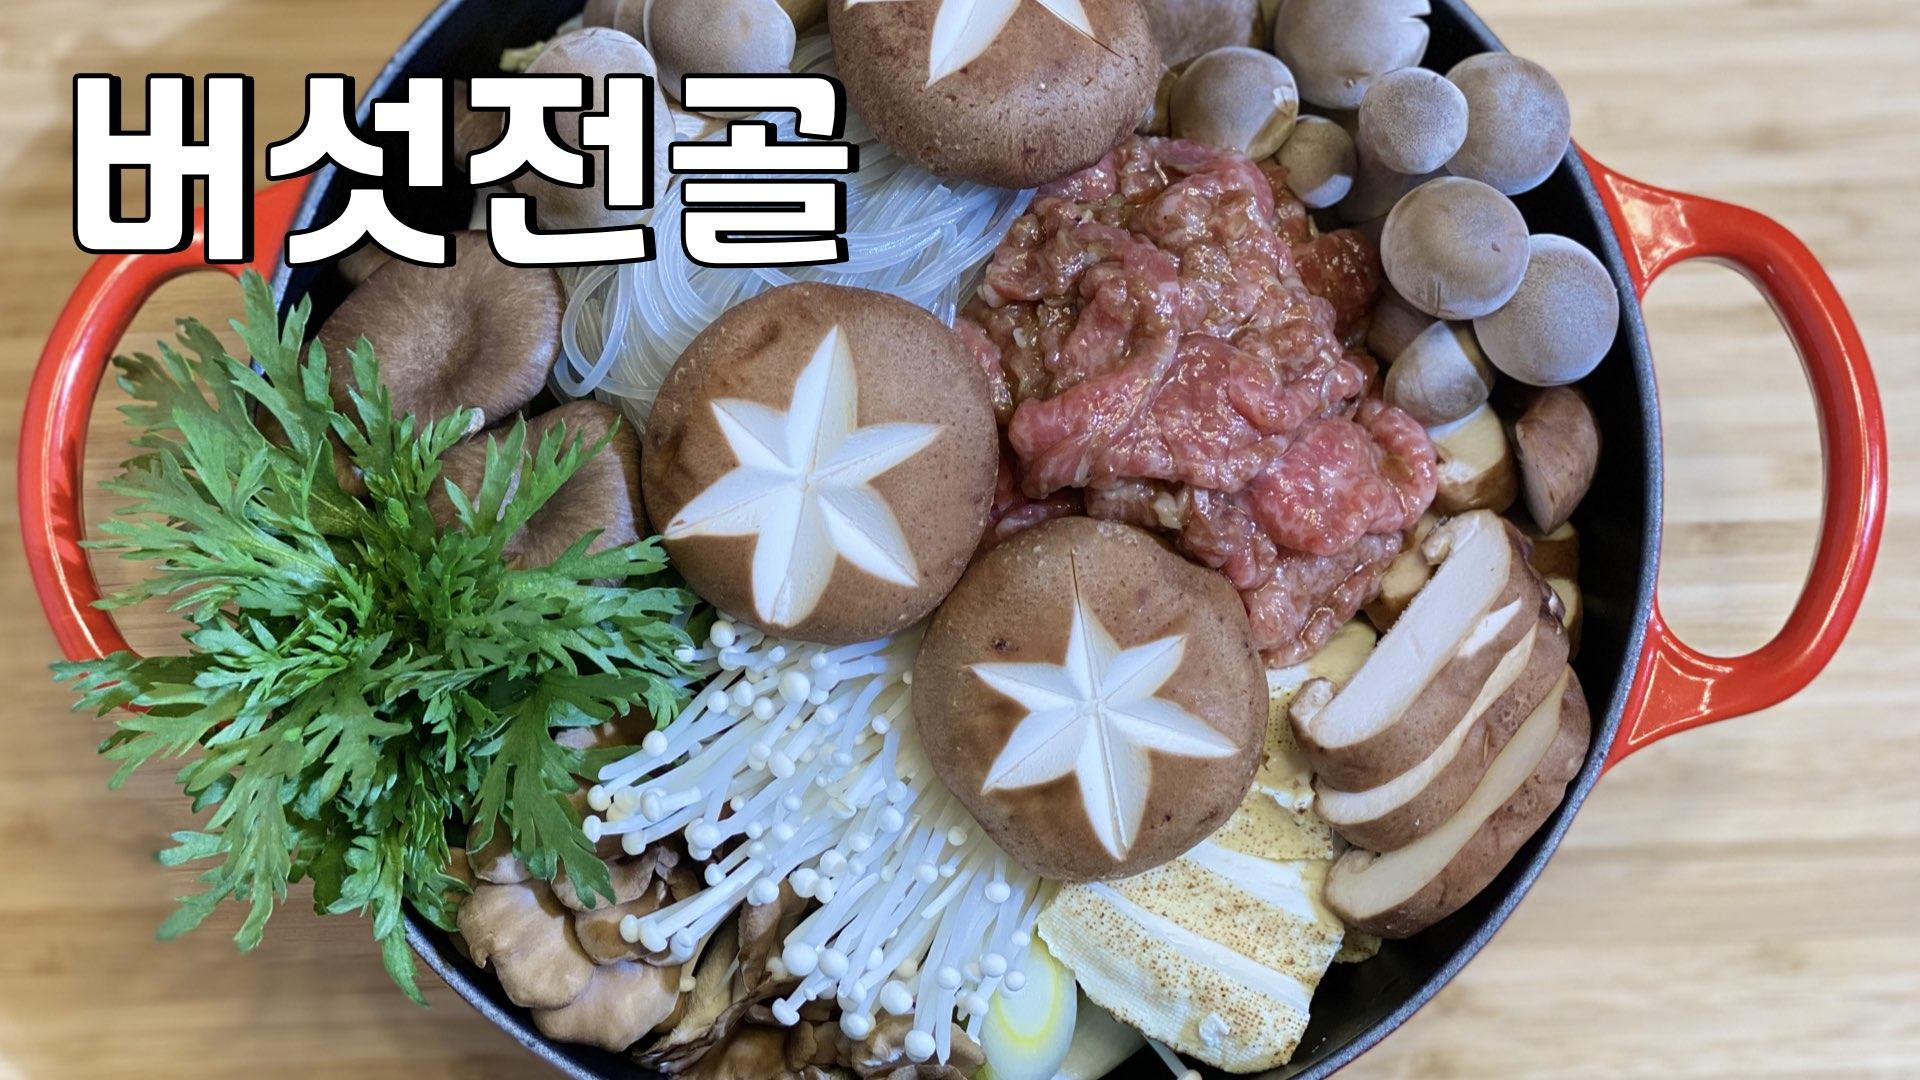 버섯전골 | 올리브네 간단레시피 | 버섯을 골라먹는 재미, 얼큰한 소고기버섯전골